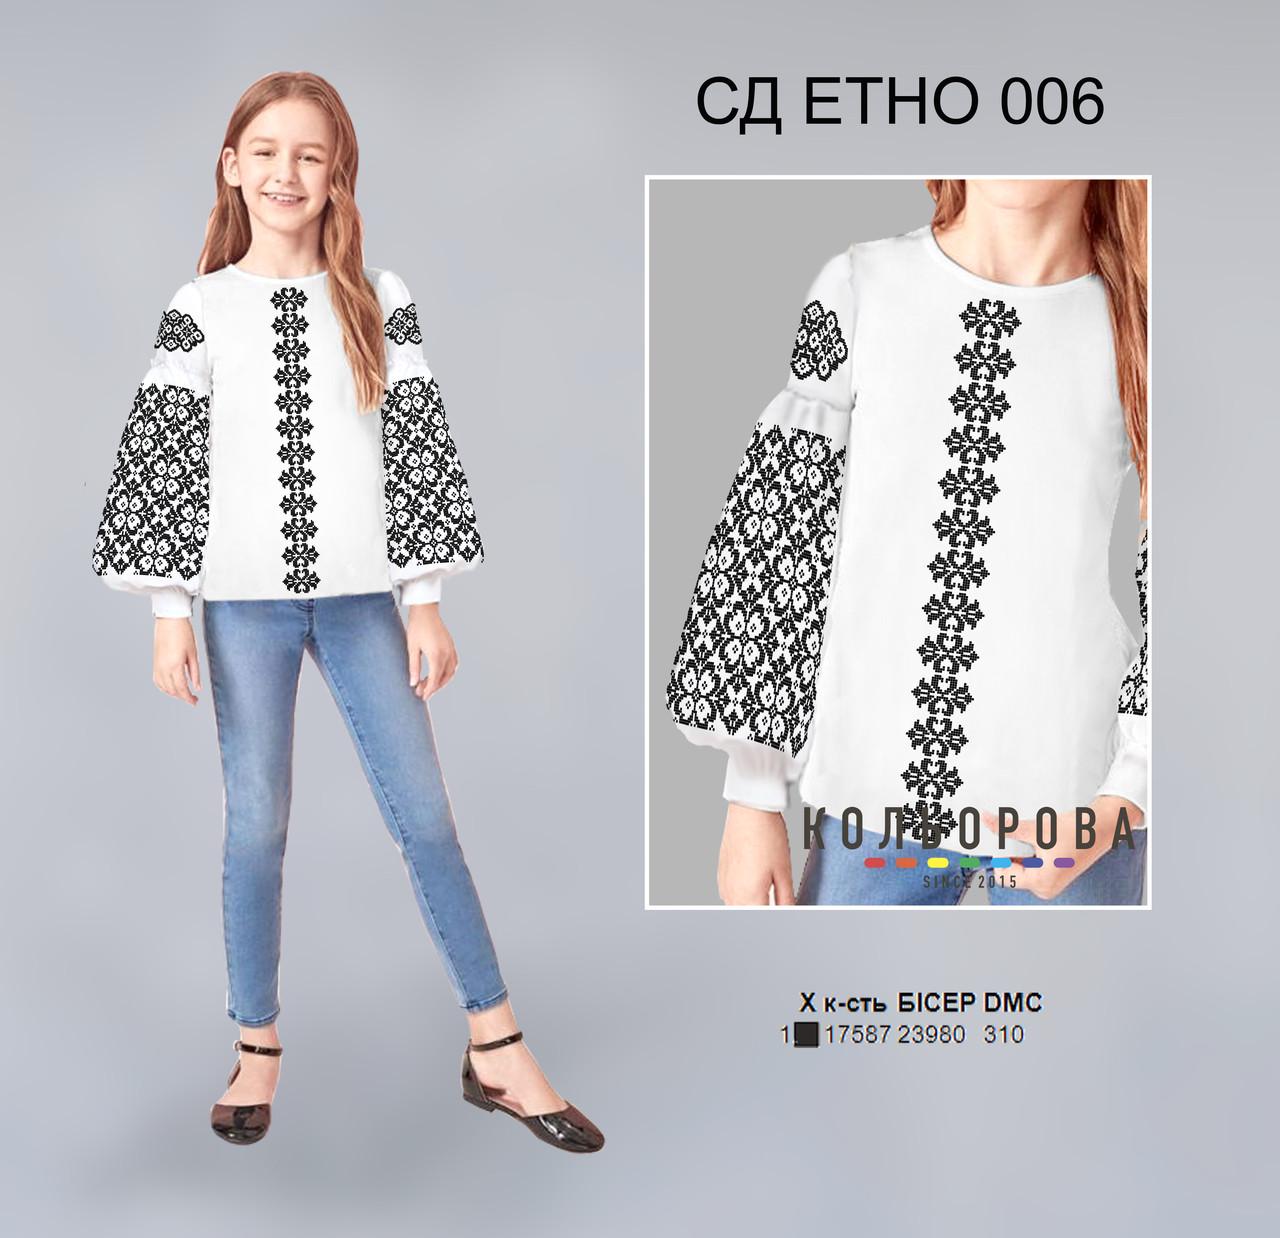 Заготовка блузки дитячої в стилі ЕТНО СД Етно-006